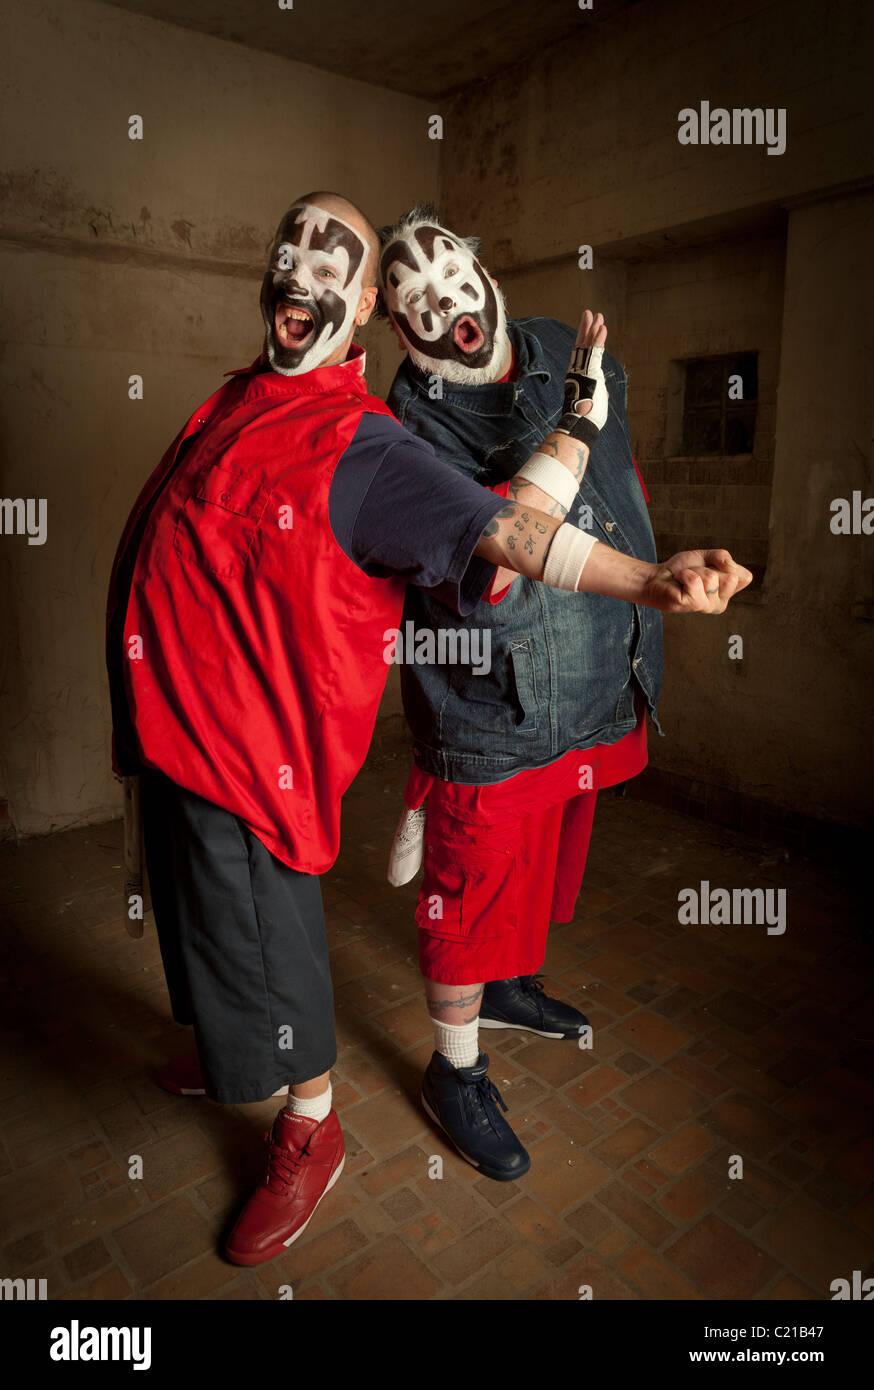 J violent et Shaggy 2 Dope de Insane Clown Posse de poser pour les photos avant un concert à Milwaukee, Wisconsin. Photo Stock